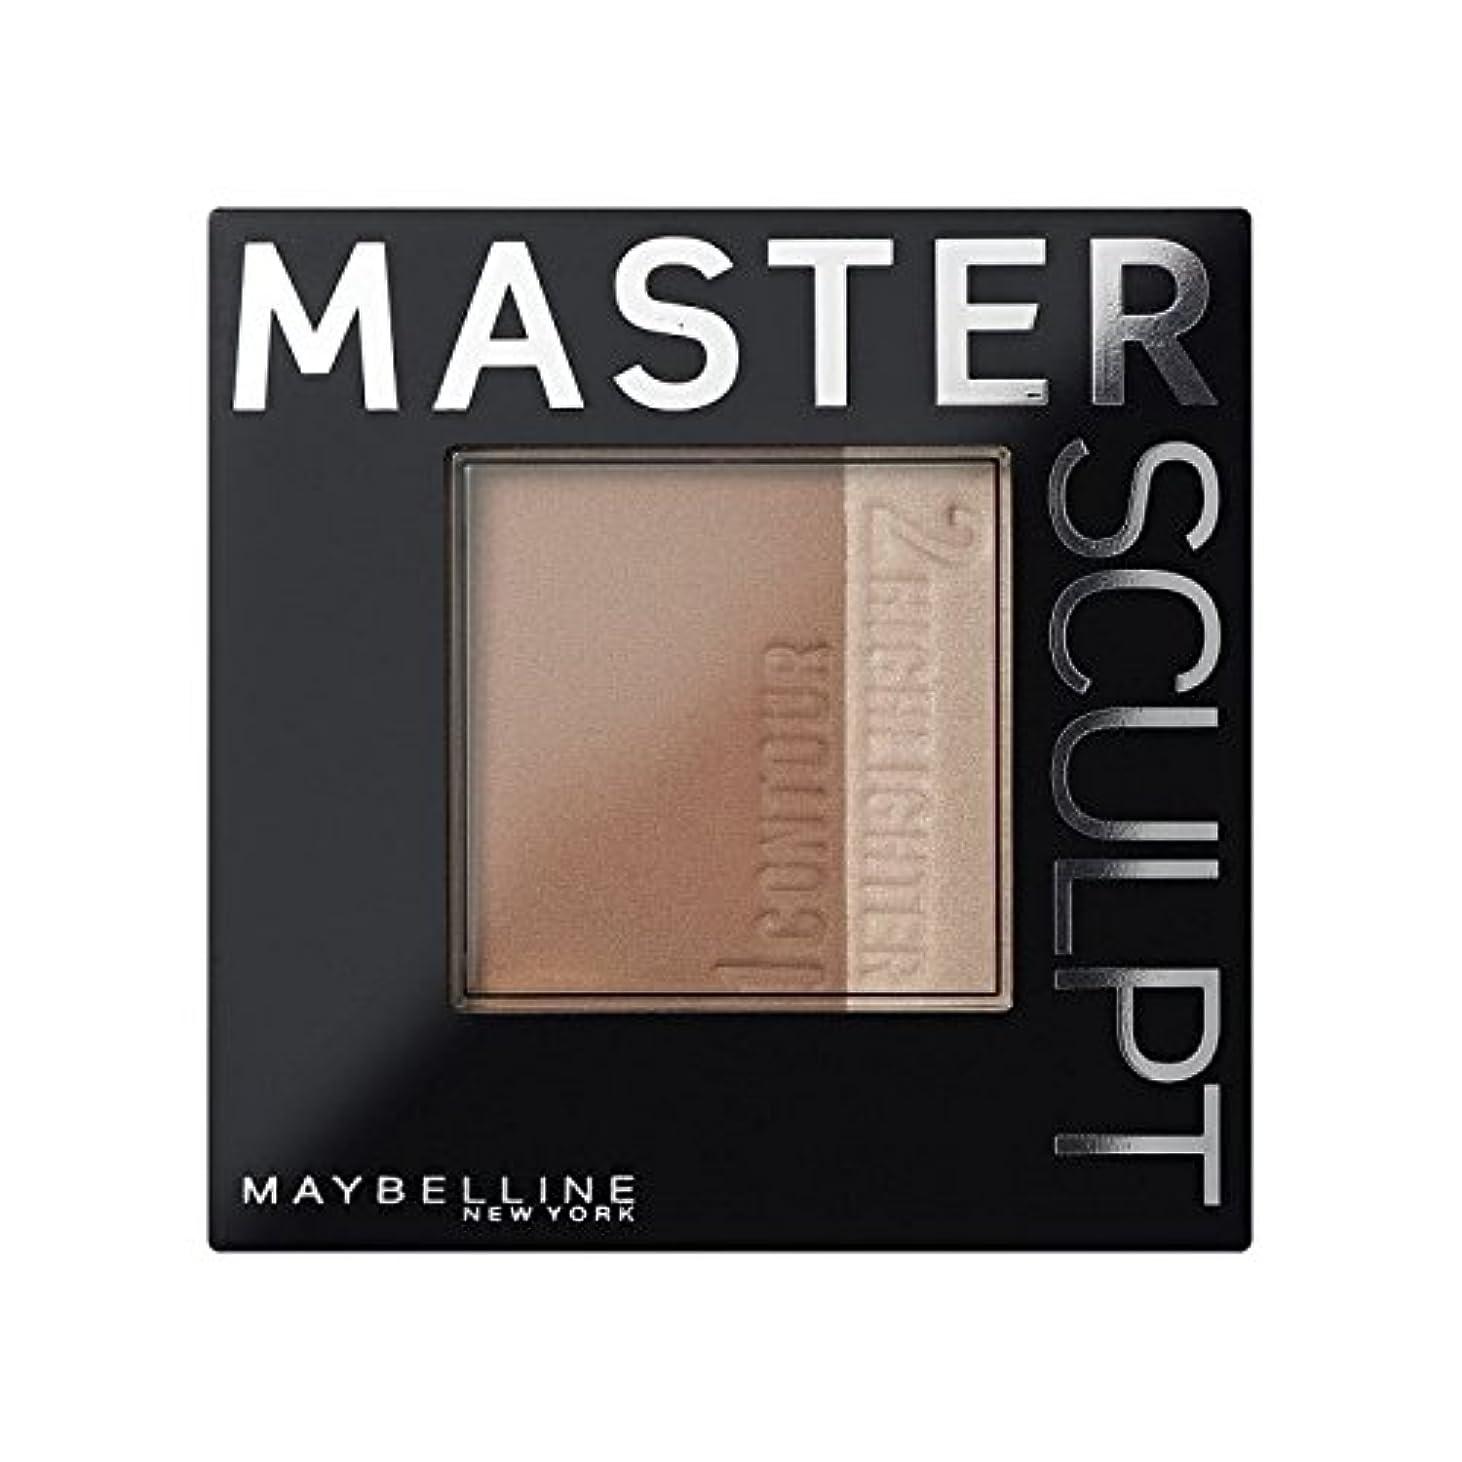 メイベリンマスタースカルプト基盤02の /暗い輪郭 x4 - Maybelline Master Sculpt Contouring Foundation 02 Med/Dark (Pack of 4) [並行輸入品]